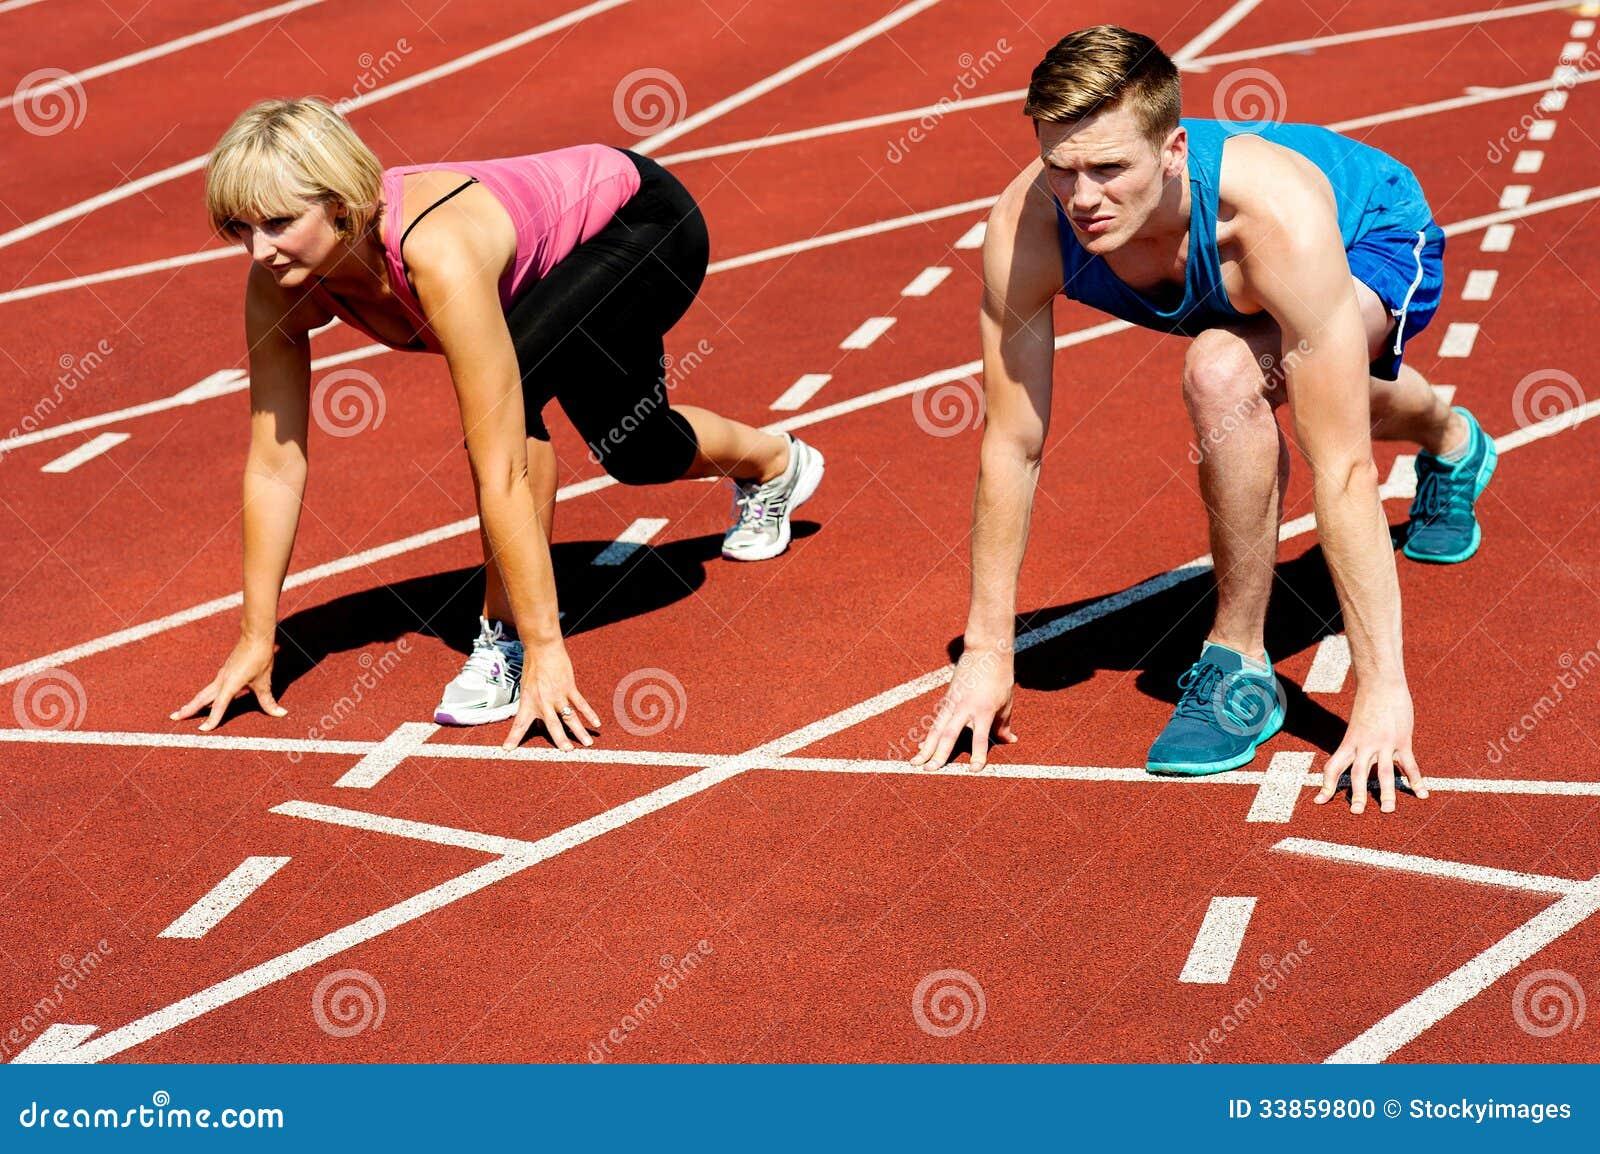 Athleten an Anfangszeile auf Rennstrecke